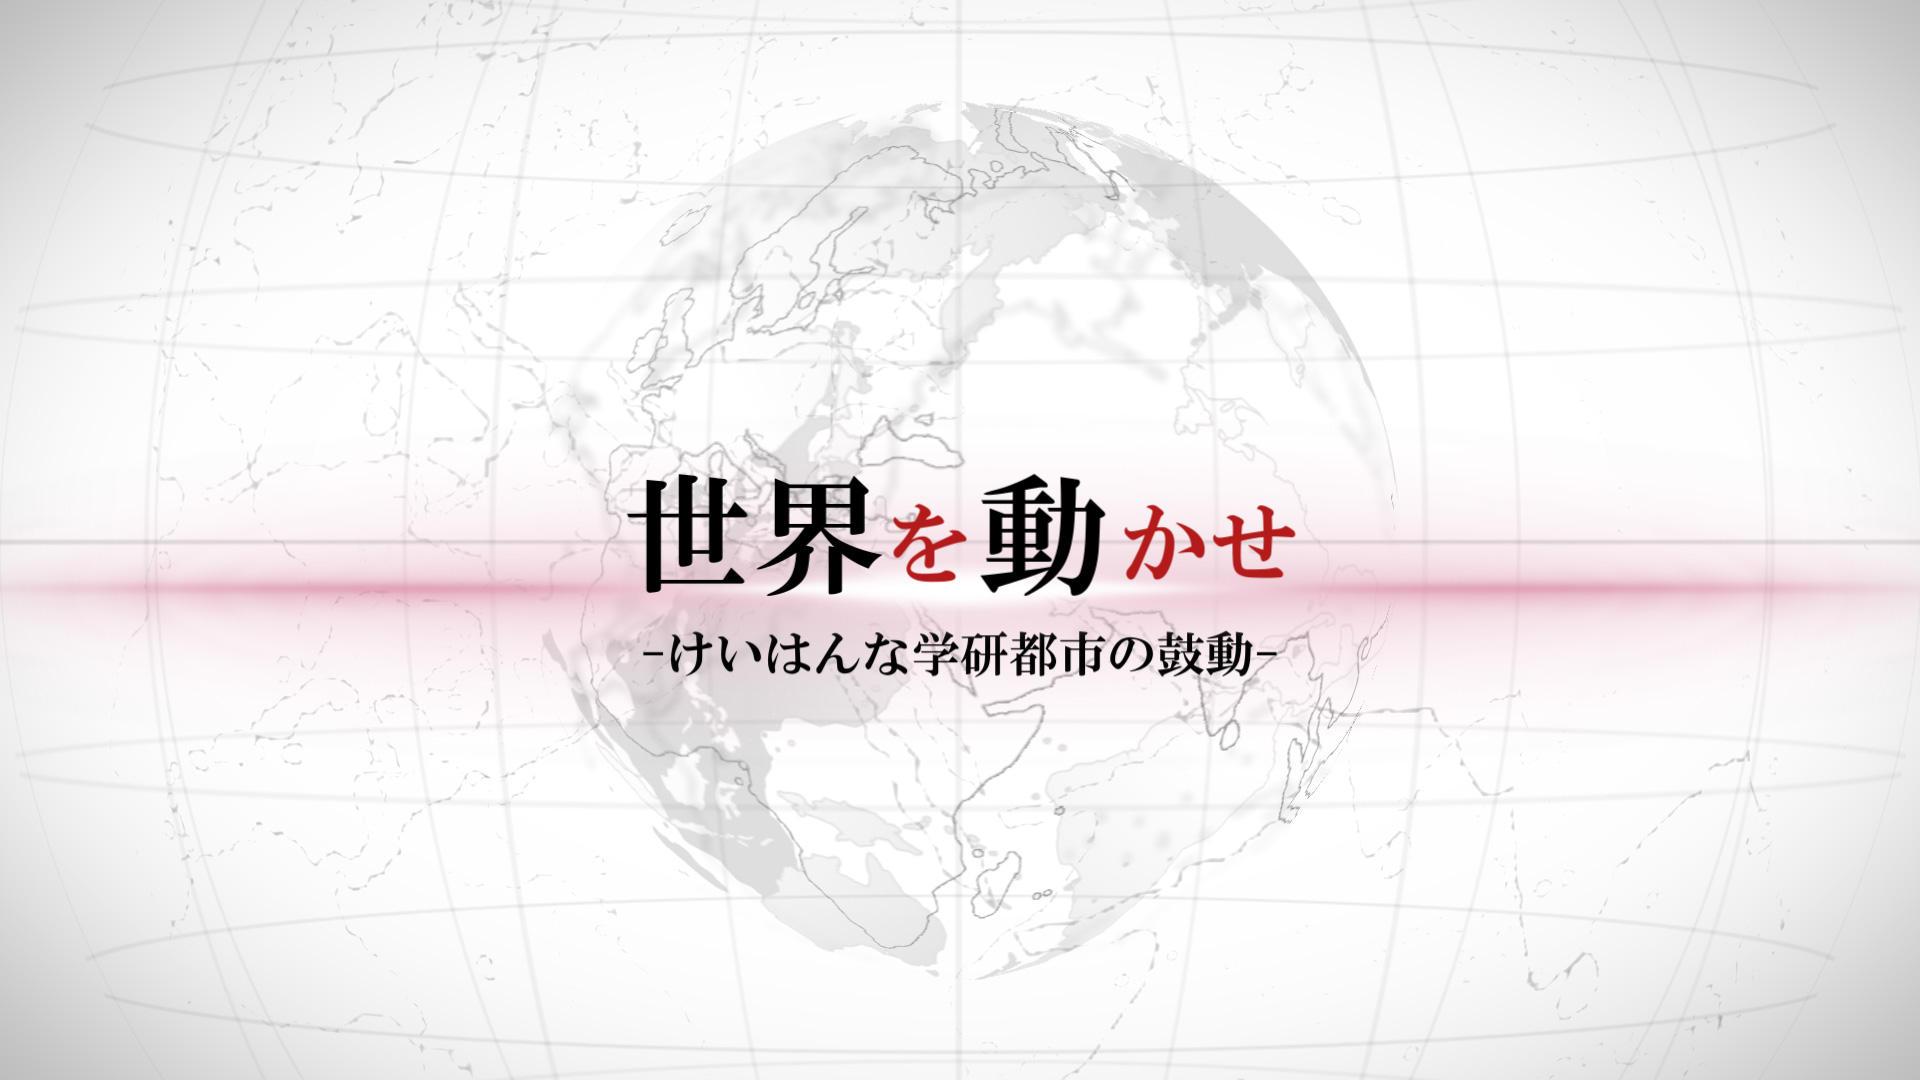 KCN京都ファミリーチャンネル「世界を動かせ~けいはんな学研都市の鼓動~」バックナンバー「国立研究開発法人 理化学研究所」(2020年3月放送分)を掲載しました